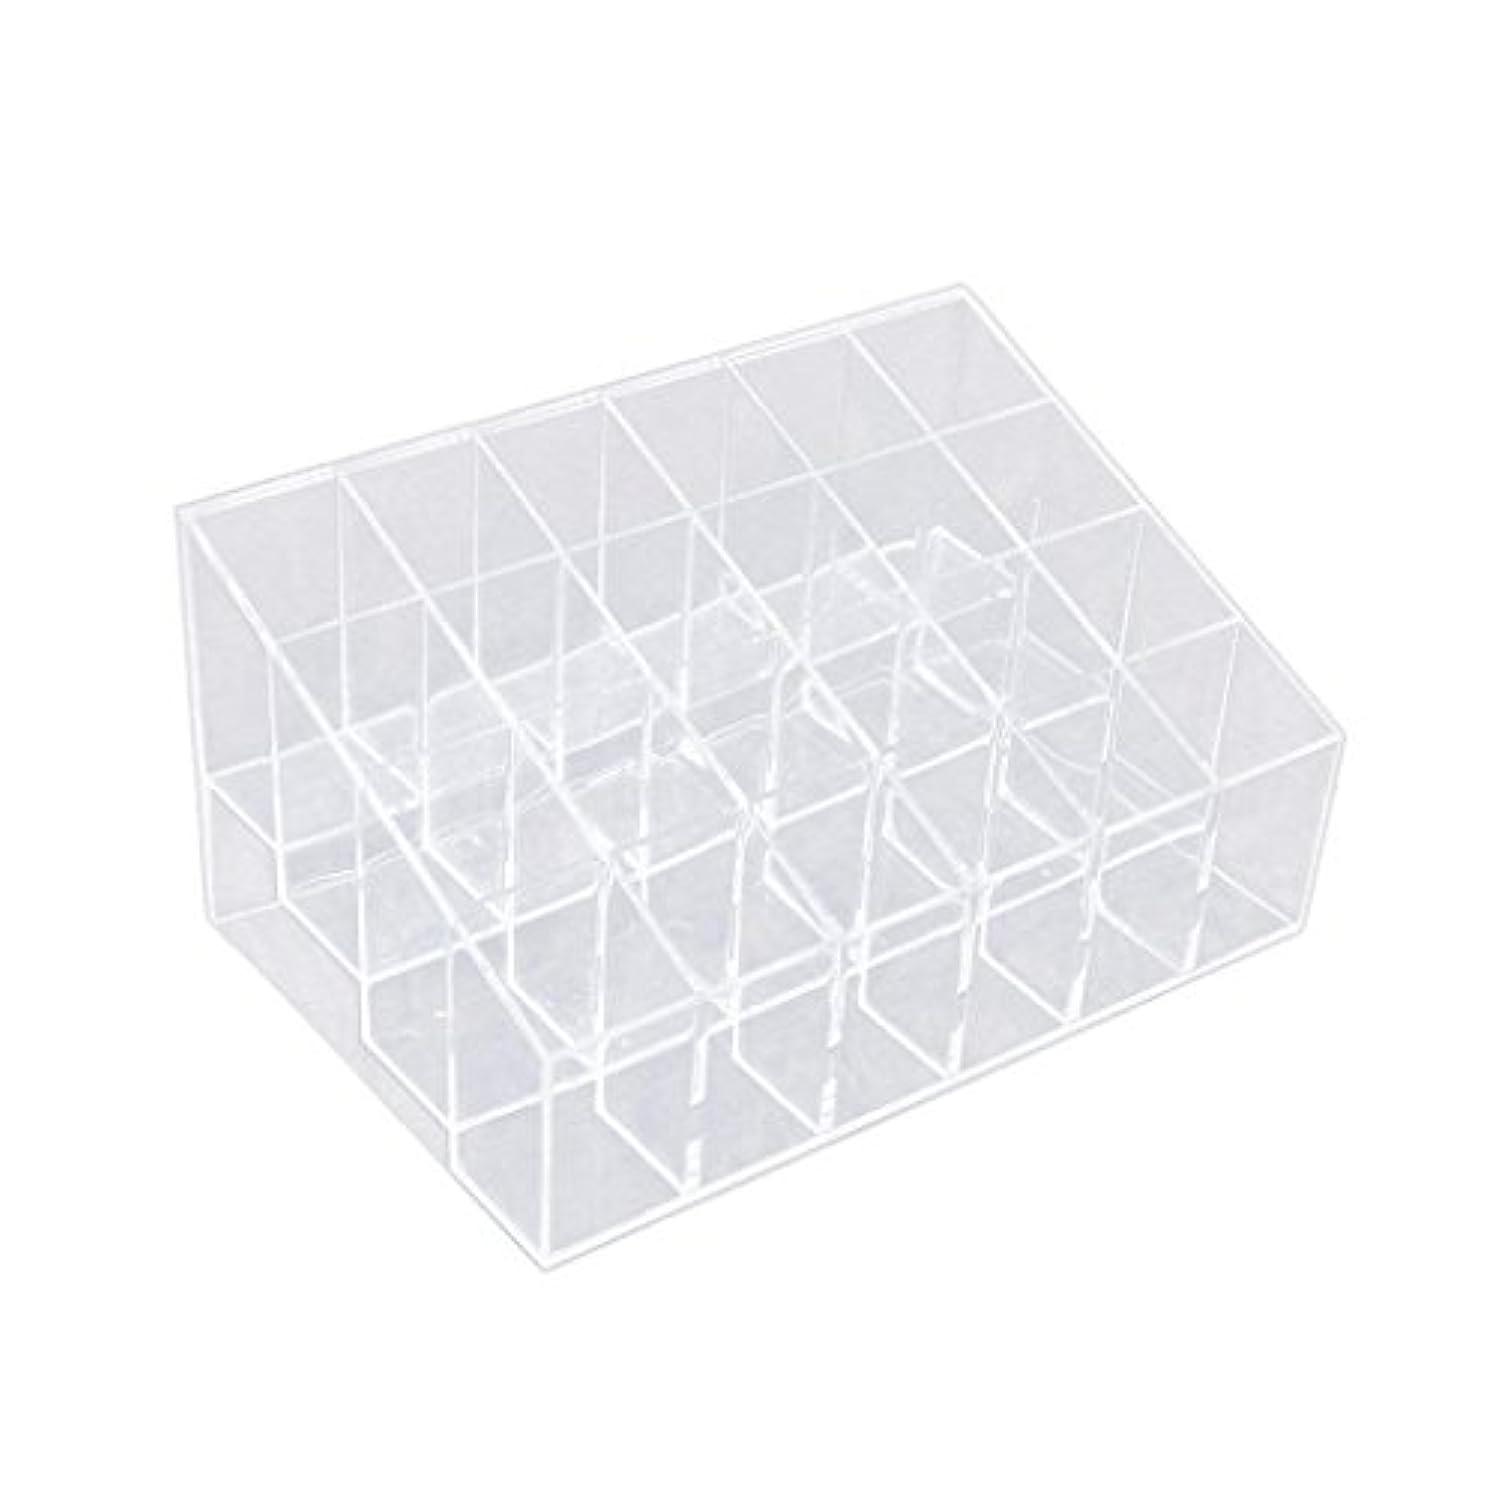 文房具下に向けます連続した(デマ―クト)De.Markt 収納ケース リップ収納 収納ボックス 口紅ホルダー プラスチック製 小物入れ 化粧品 台形 メイクアップ  リップスティックホルダー 24区 透明